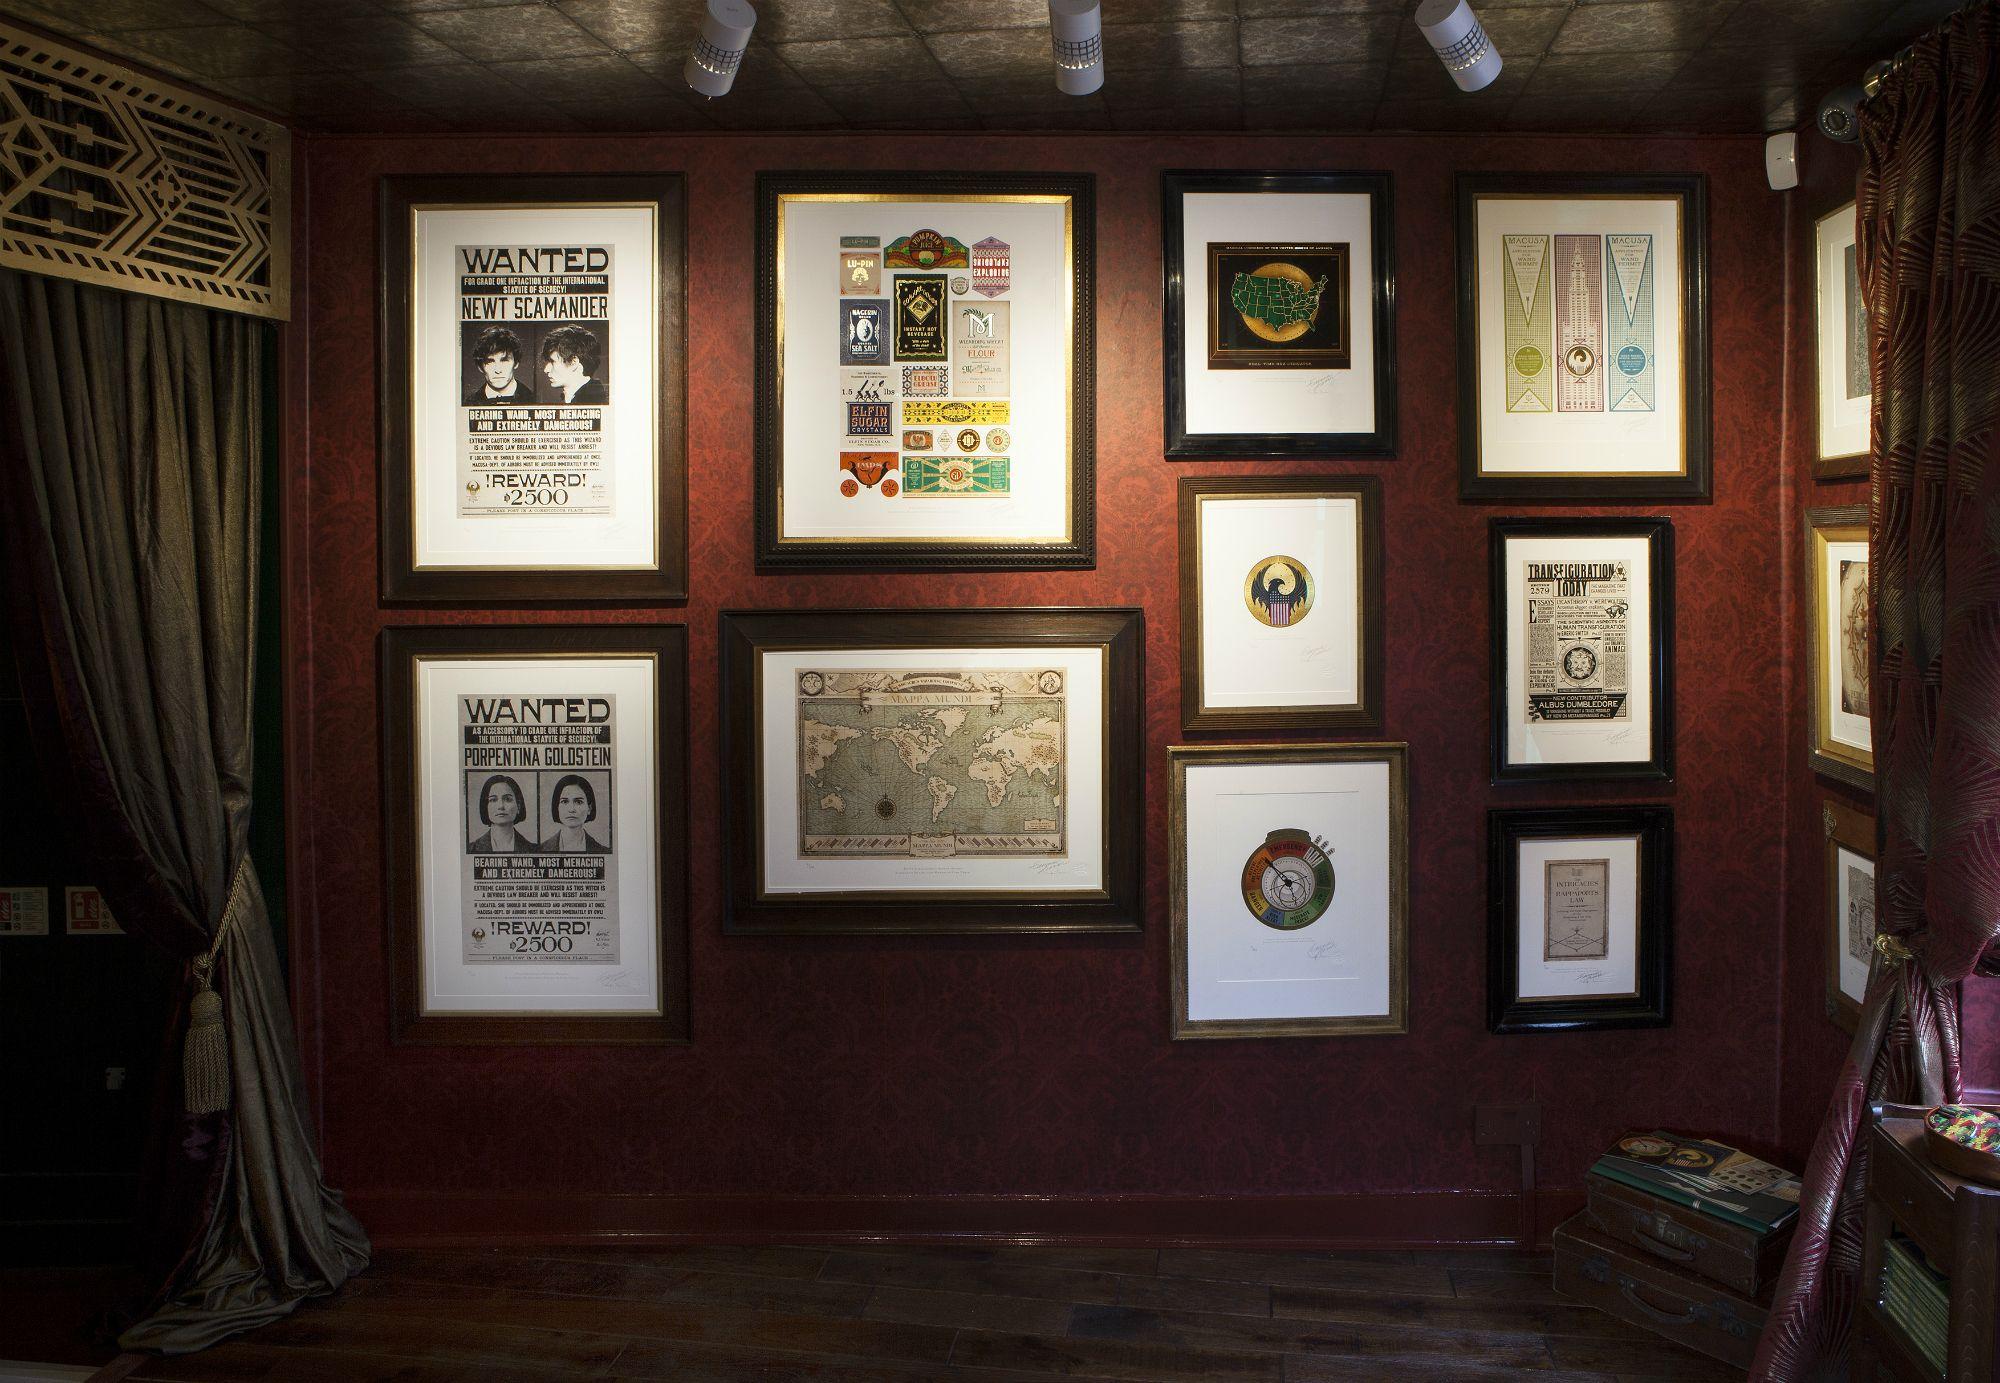 Fantastic Beasts exhibition - House of MinaLima